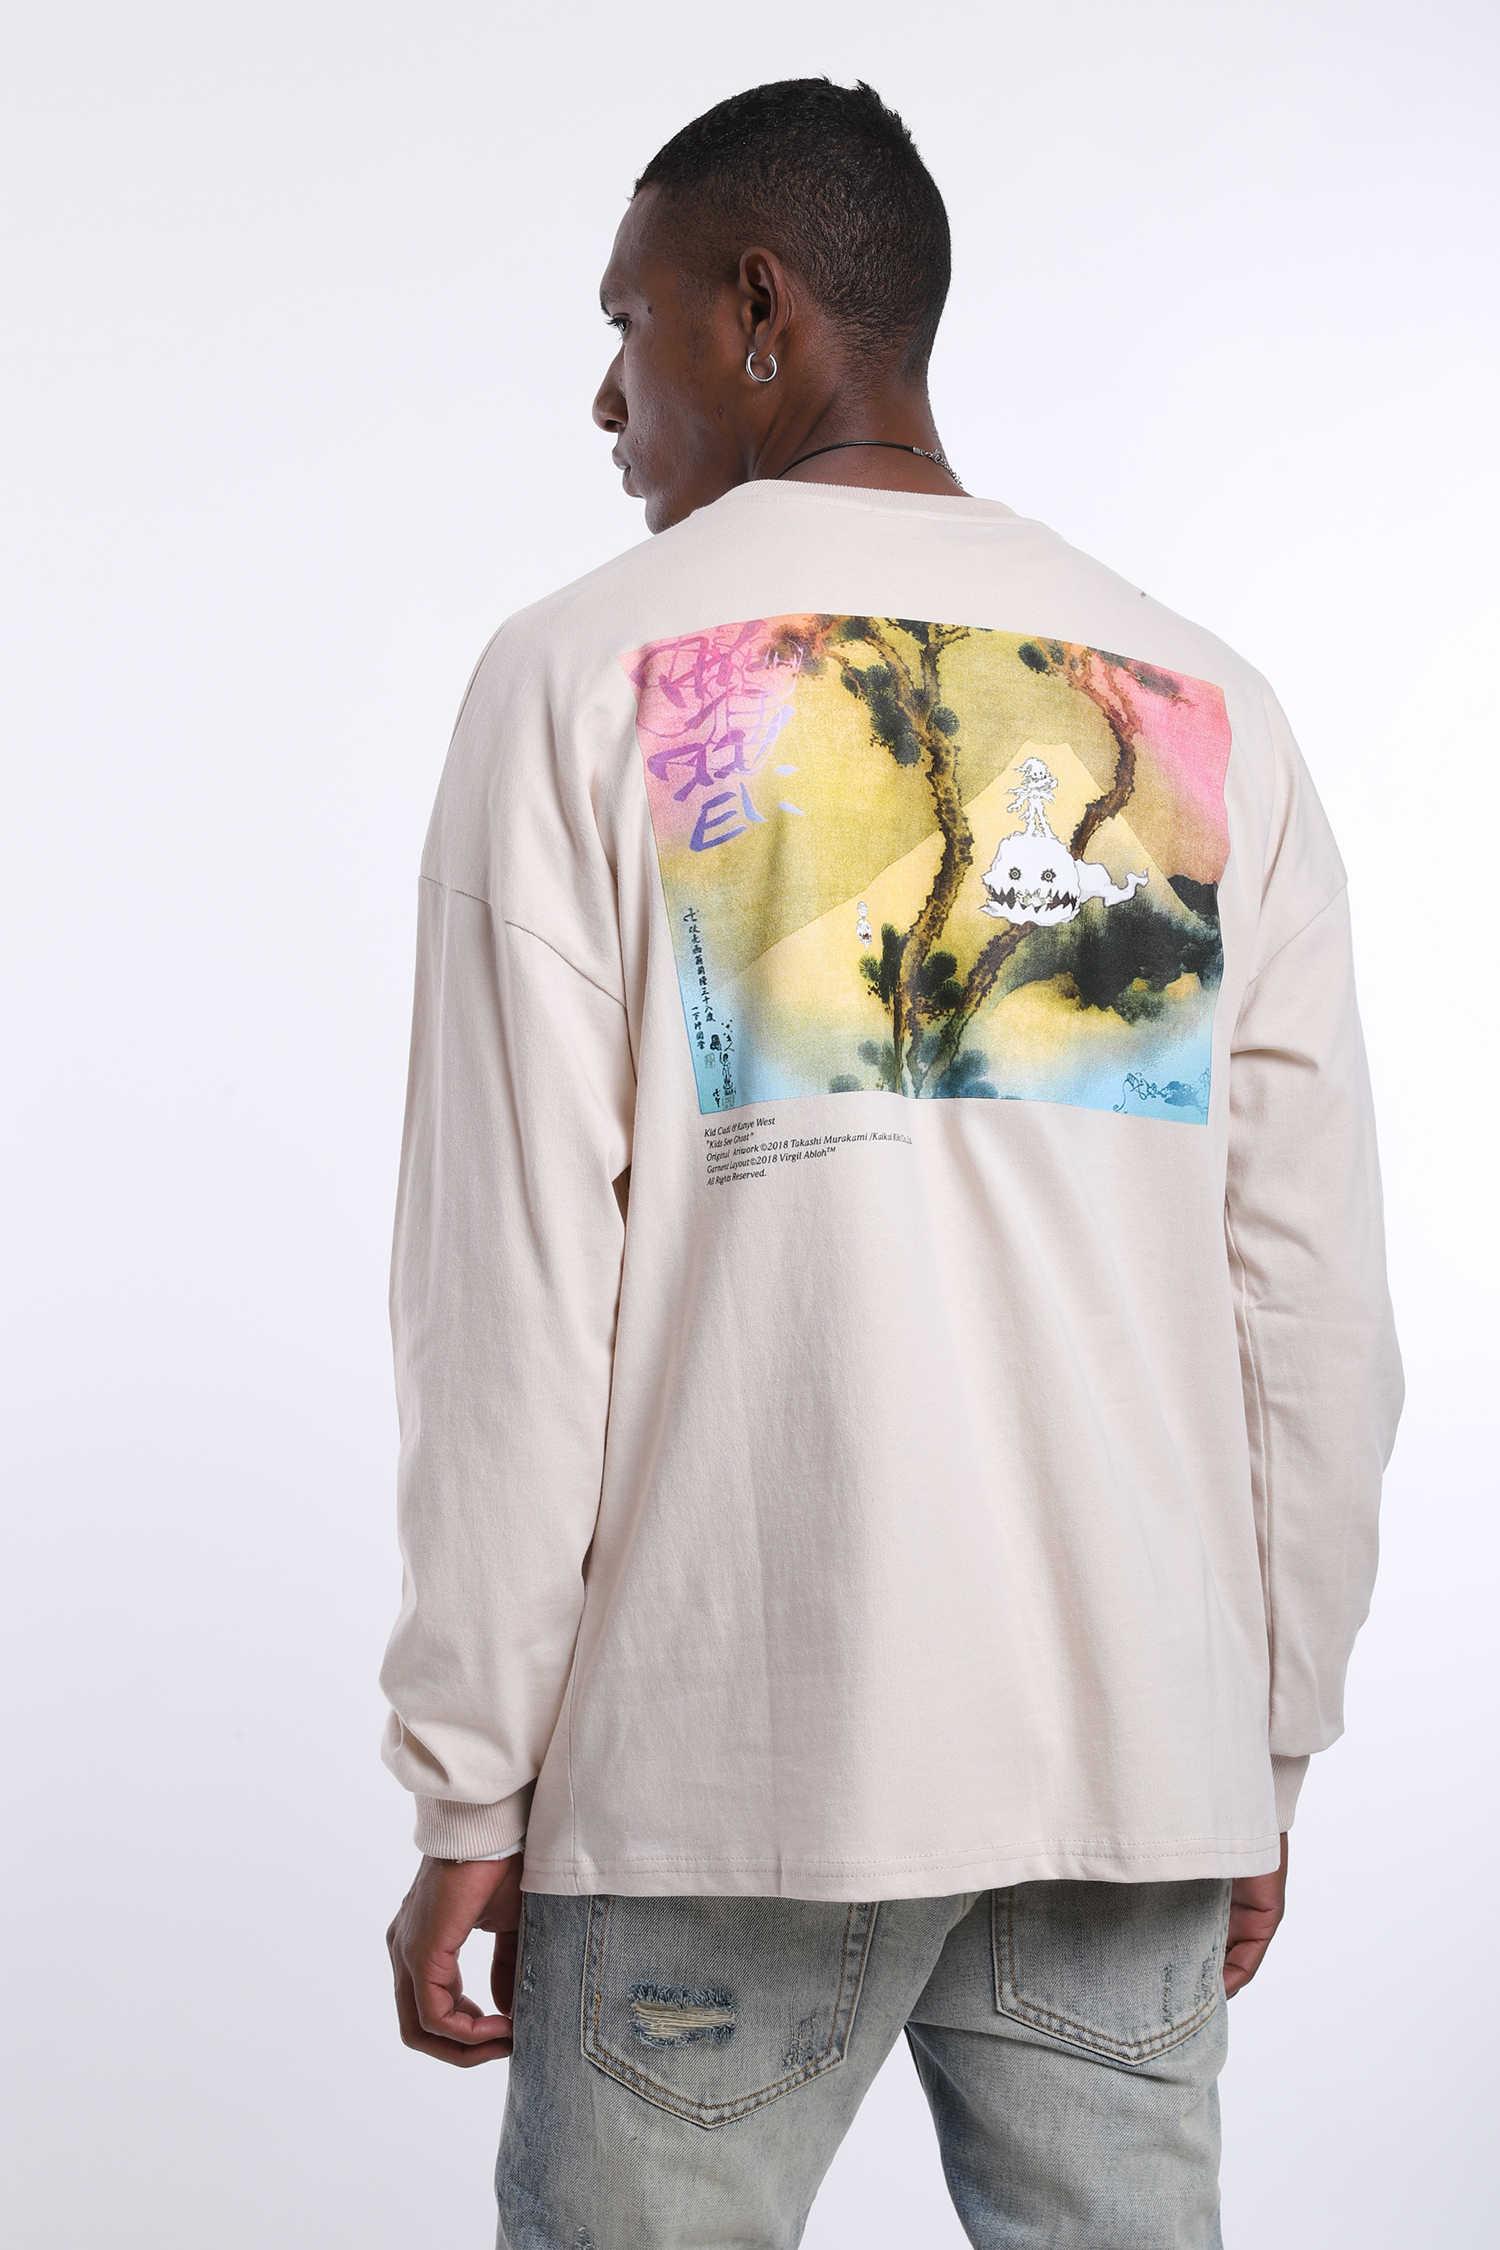 سترة ذات وزن ثقيل مطبوع عليها حروف جرافيتي ويست من Kanye West ملابس بقلنسوة للرجال على طراز الهيب هوب بقلنسوة